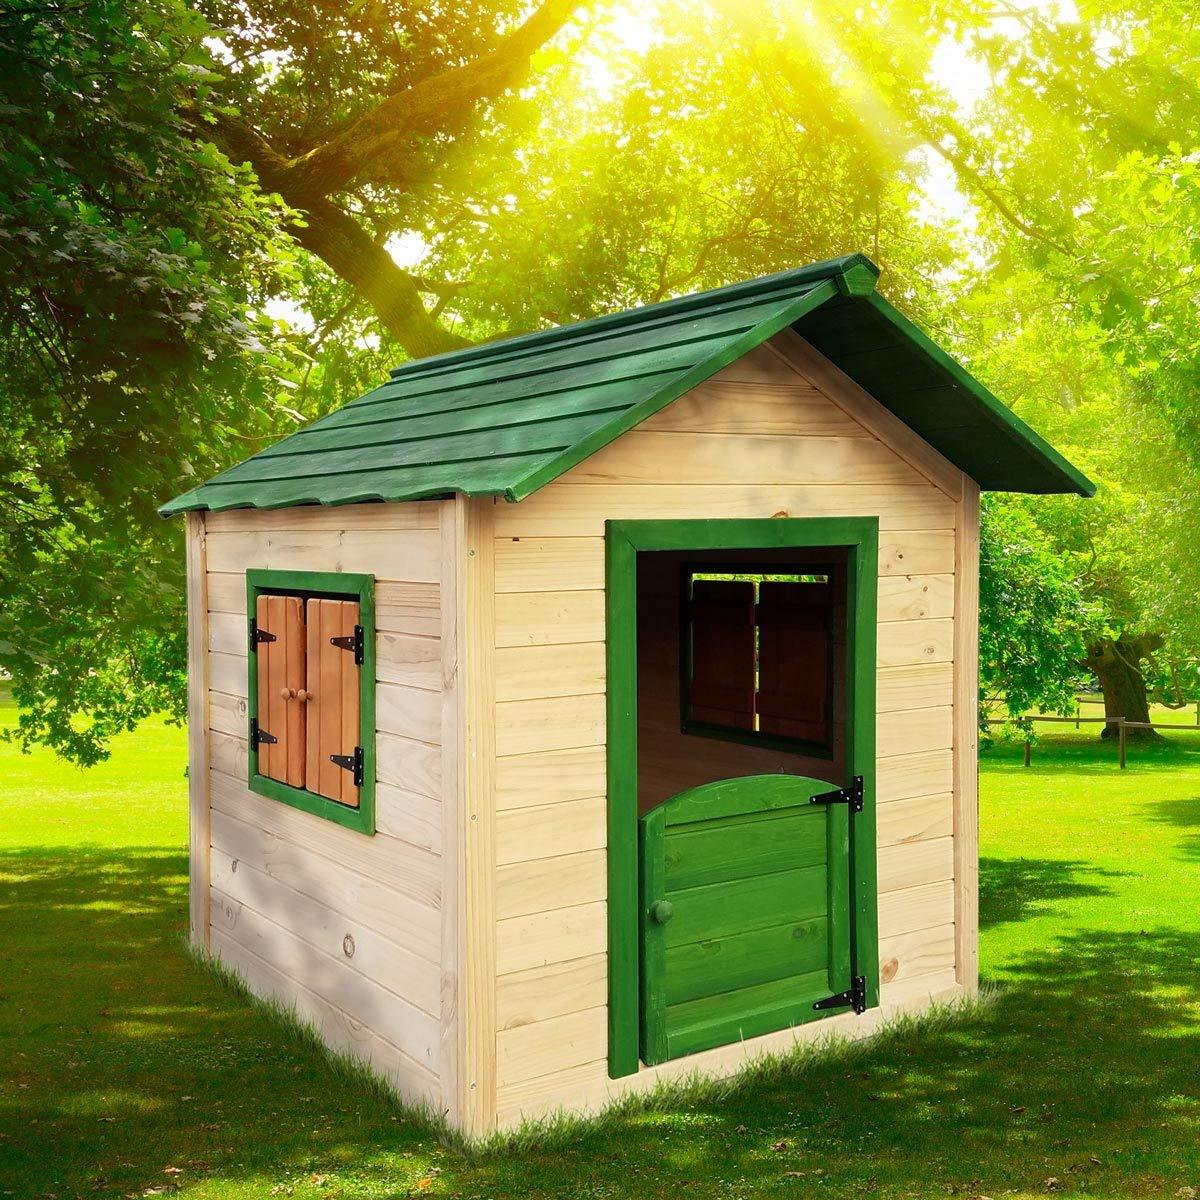 Full Size of Holzhaus Kind Garten Brast Spielhaus Fr 106 X111x132cm Tannenholz 12mm Kinderspielturm Bett Kleinkind Lounge Möbel Whirlpool Aufblasbar Gartenüberdachung Garten Holzhaus Kind Garten